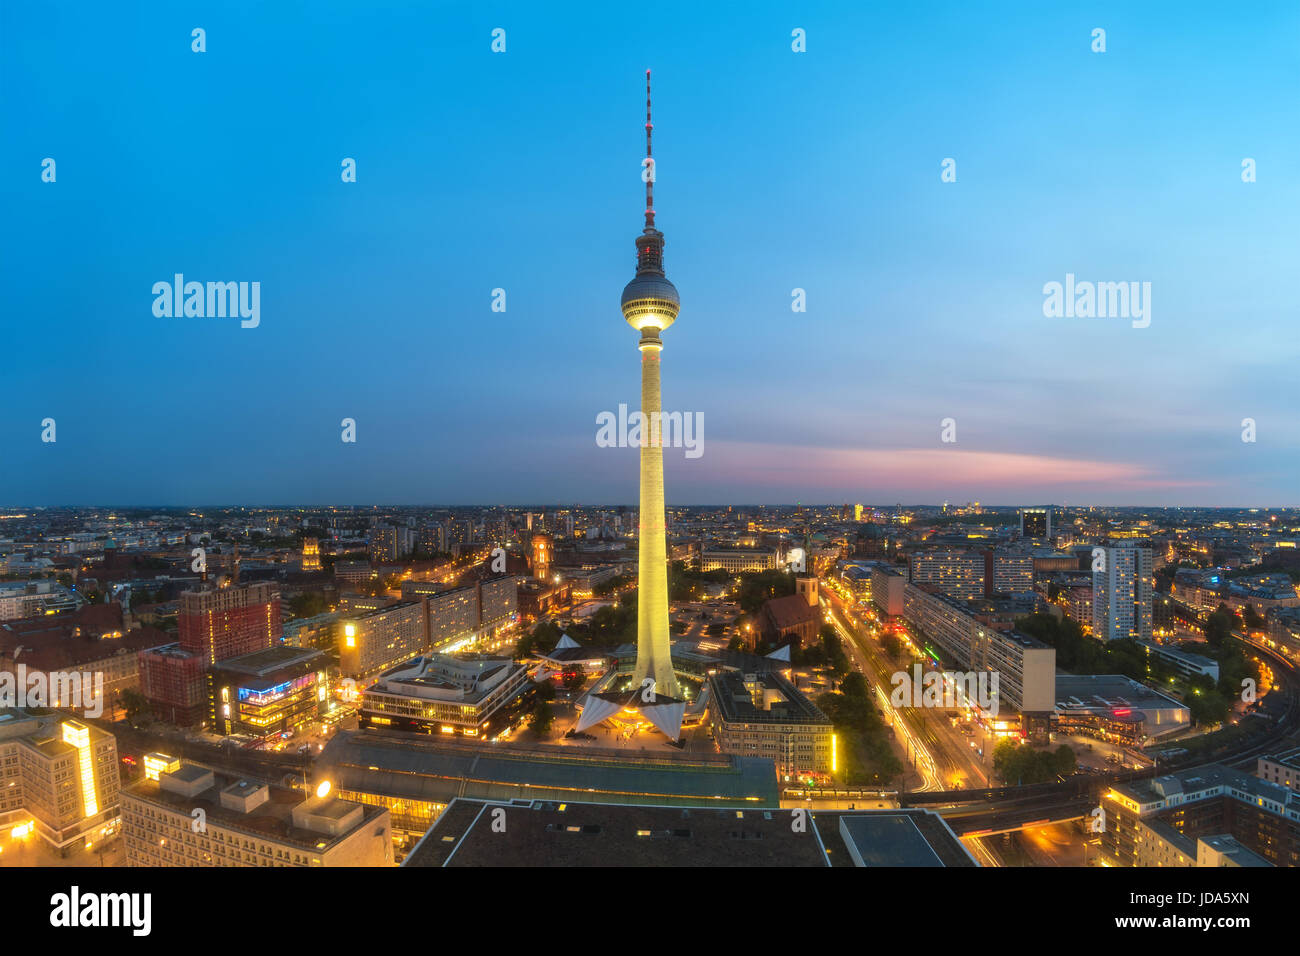 Berlín, la ciudad al atardecer, Berlín, Alemania Imagen De Stock